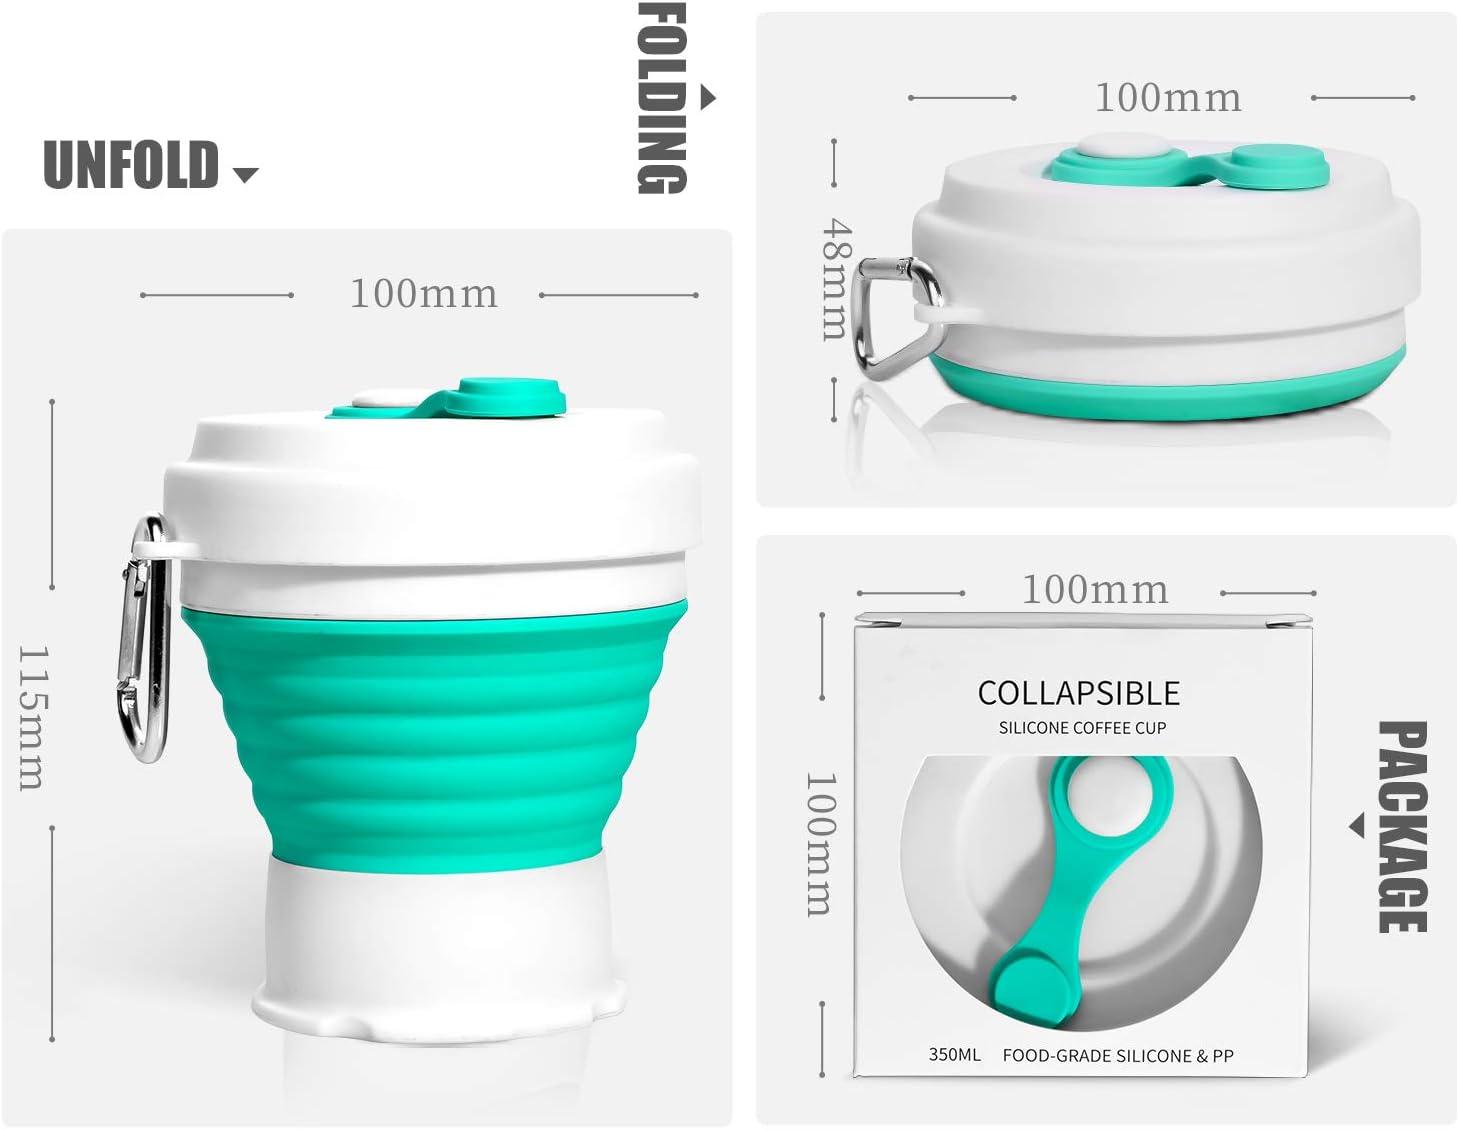 3 Tama/ños Ajustables para Satisfacer Las Necesidades Amantes del Caf/é MALTSKY Taza de Caf/é de Silicona Plegable